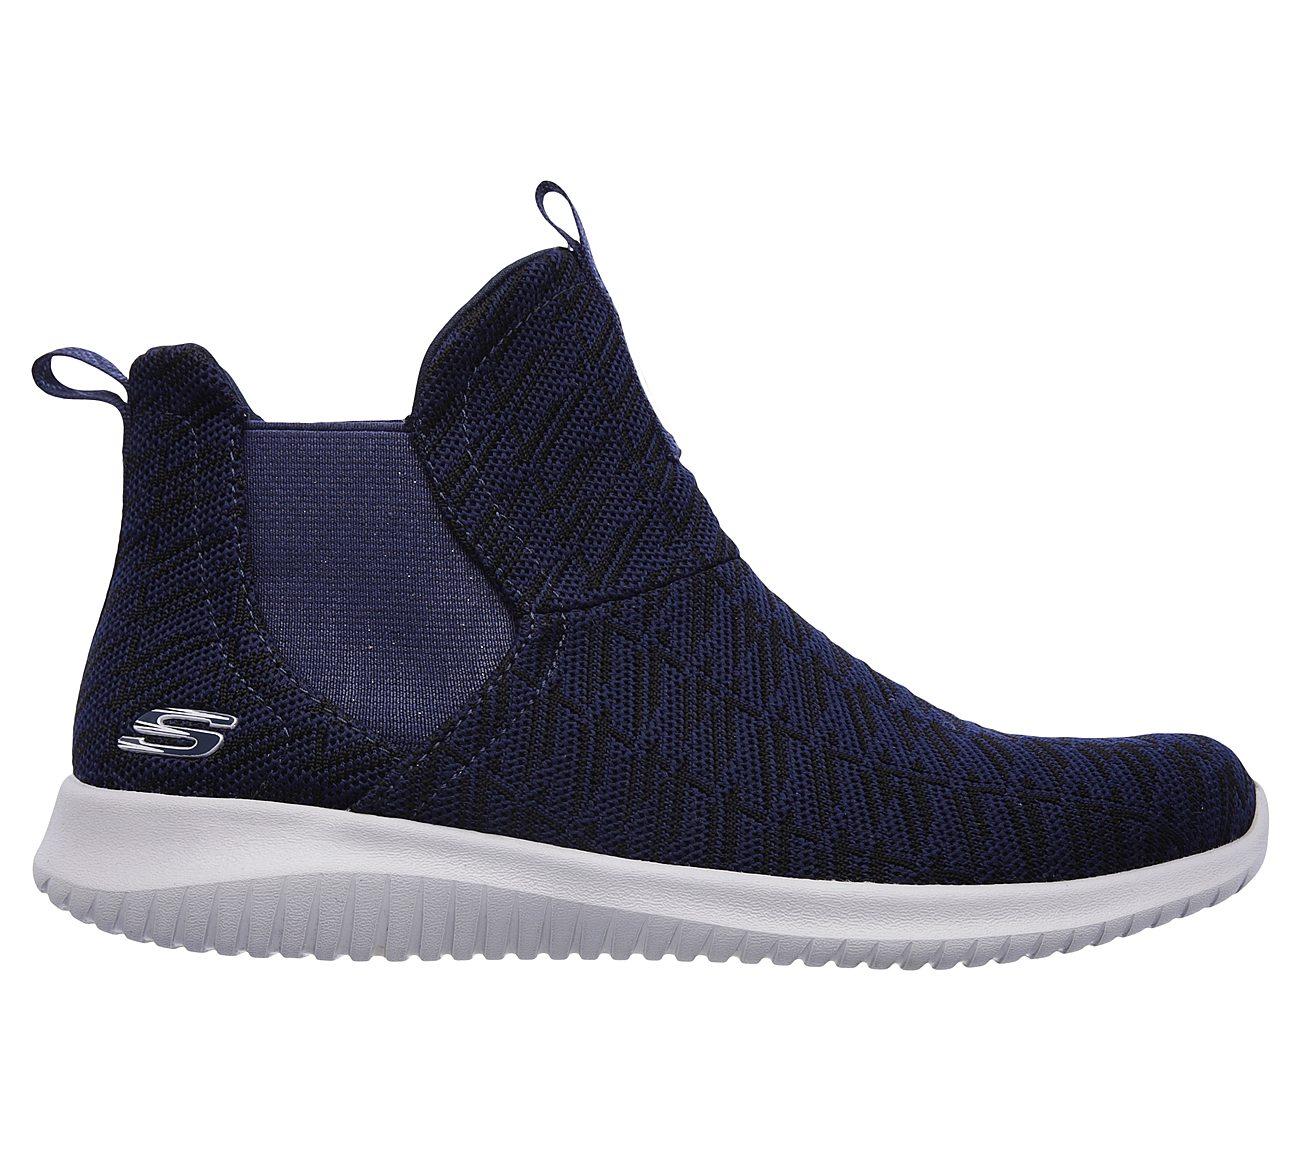 Buy SKECHERS ULTRA FLEX Sport Shoes